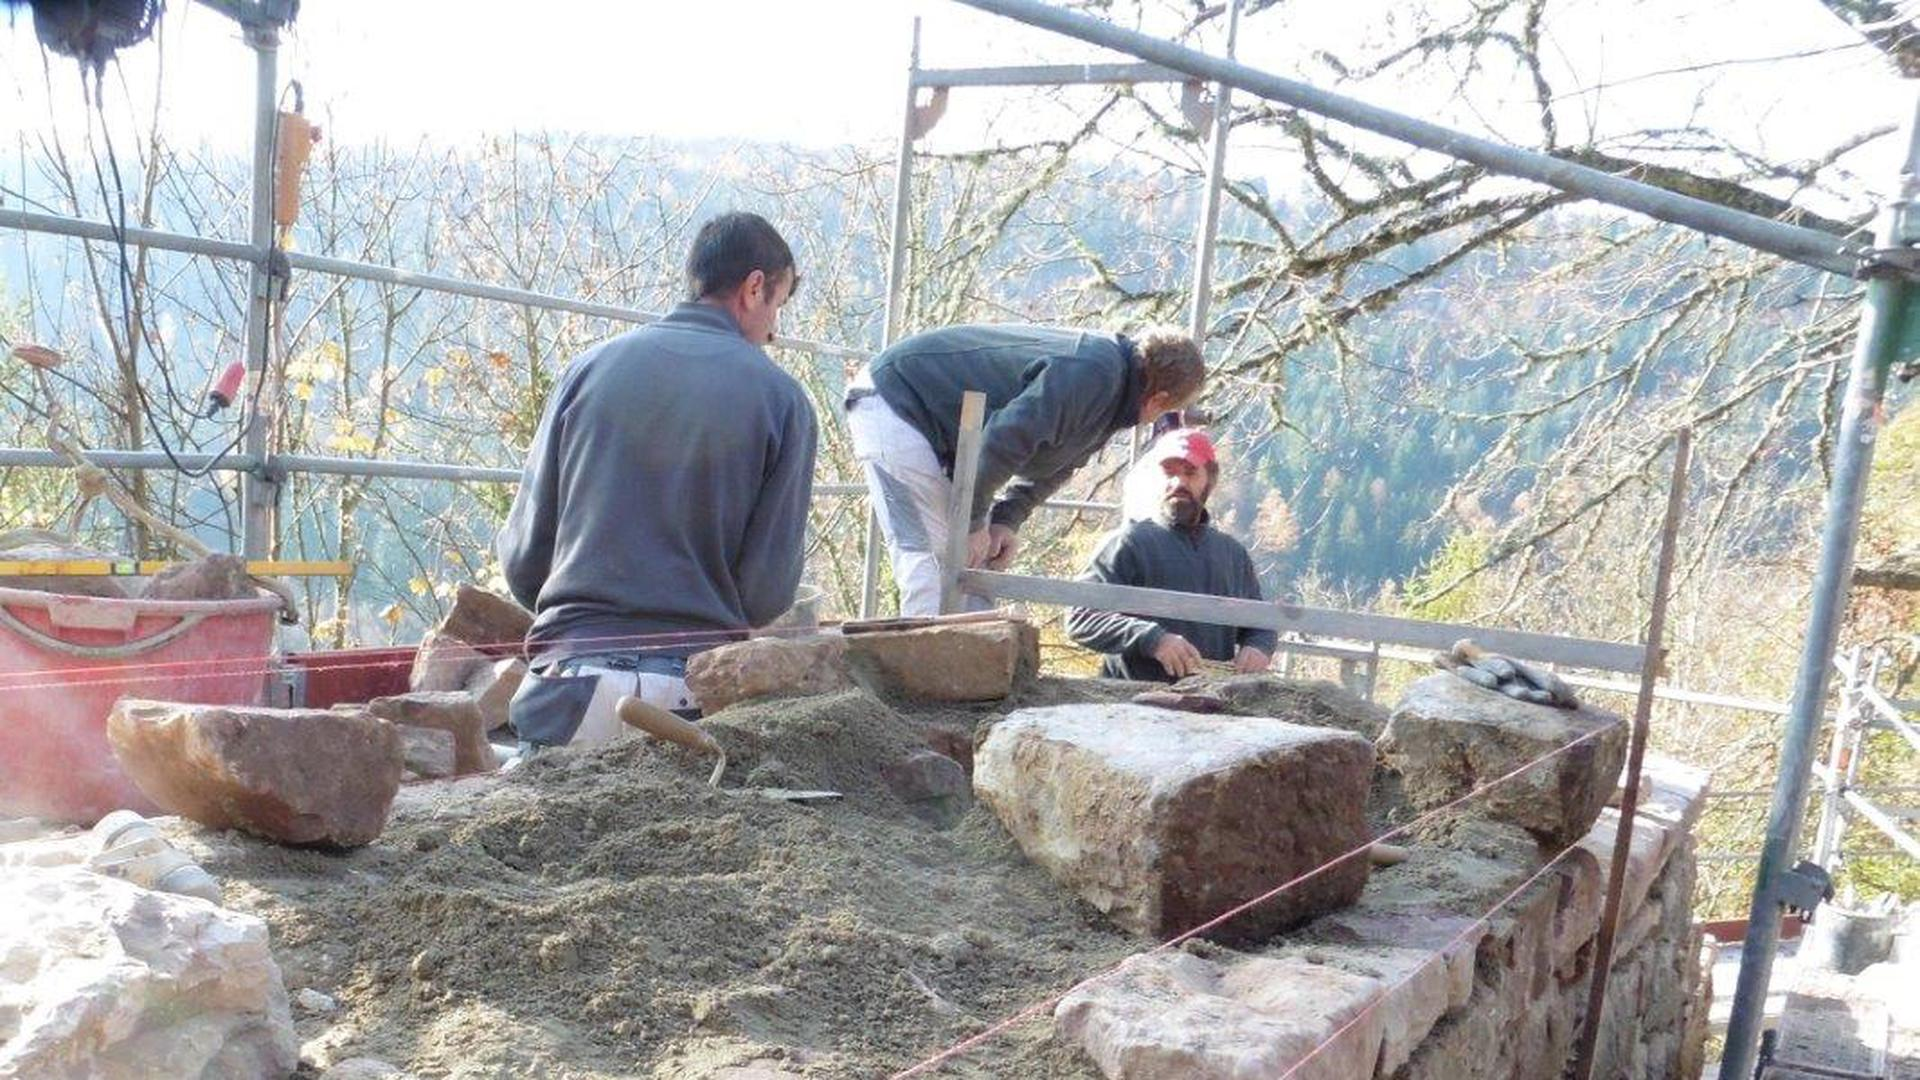 Arbeiten laufen planmäßig: Hier ein Bild des zum Teil fertiggestellten Mauerwerks an der Burgruine Liebeneck. Es fehlt noch die Verfugung, die aufgespritzt wird.